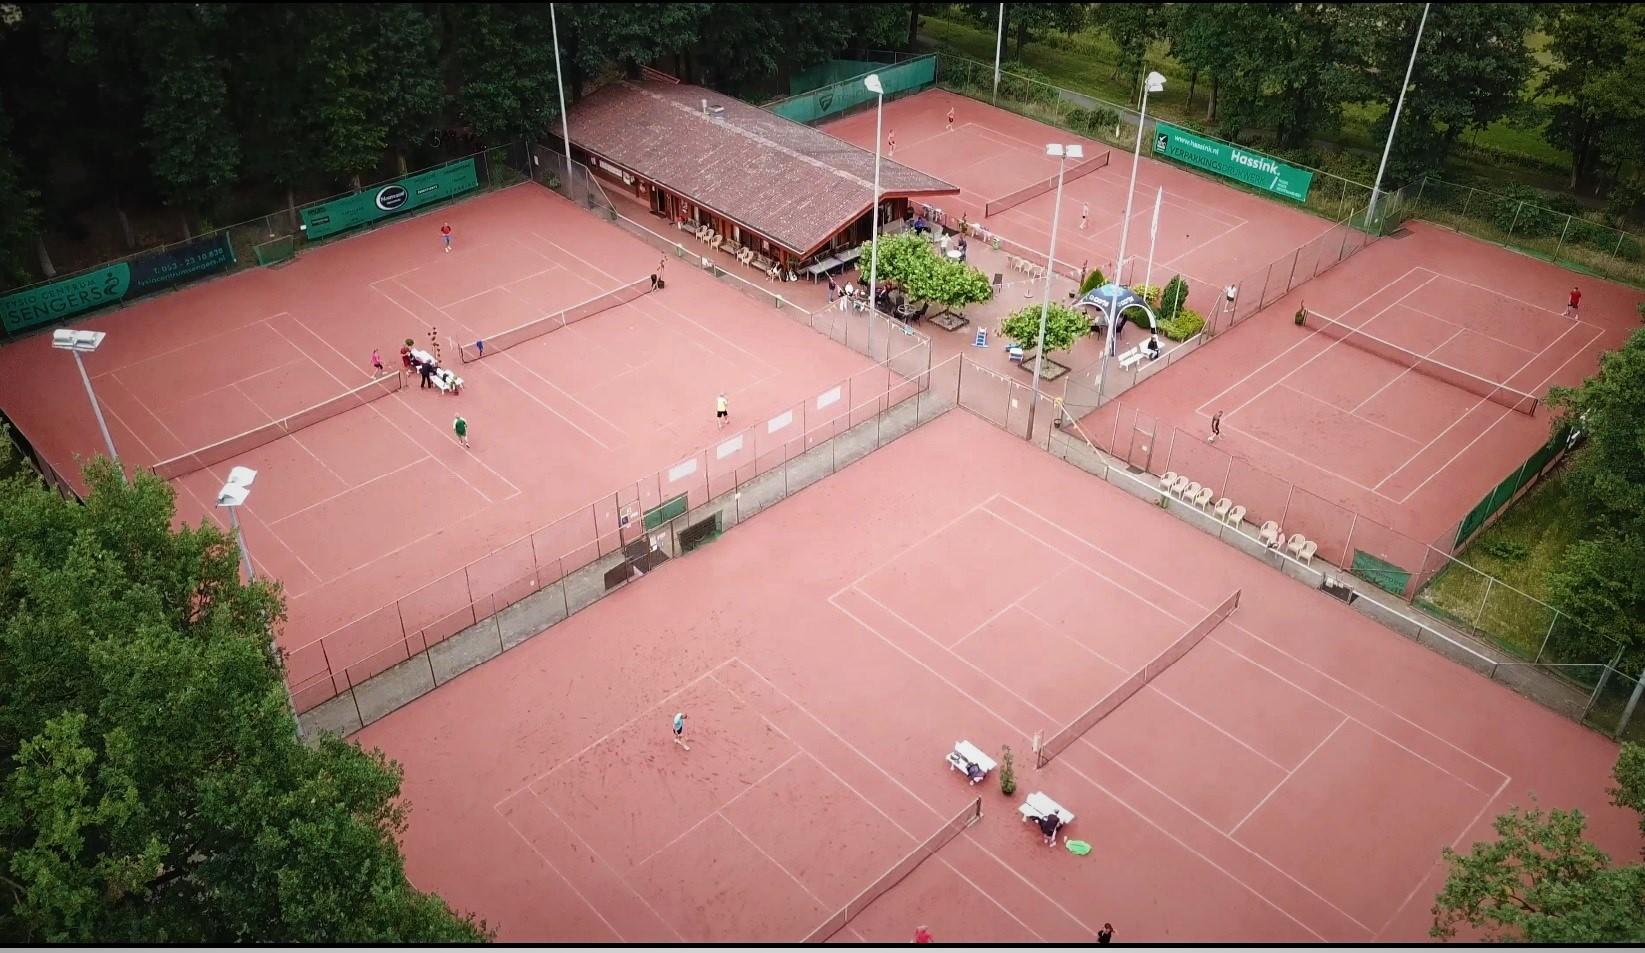 Kom tennissen op het mooiste tennispark van Haaksbergen!